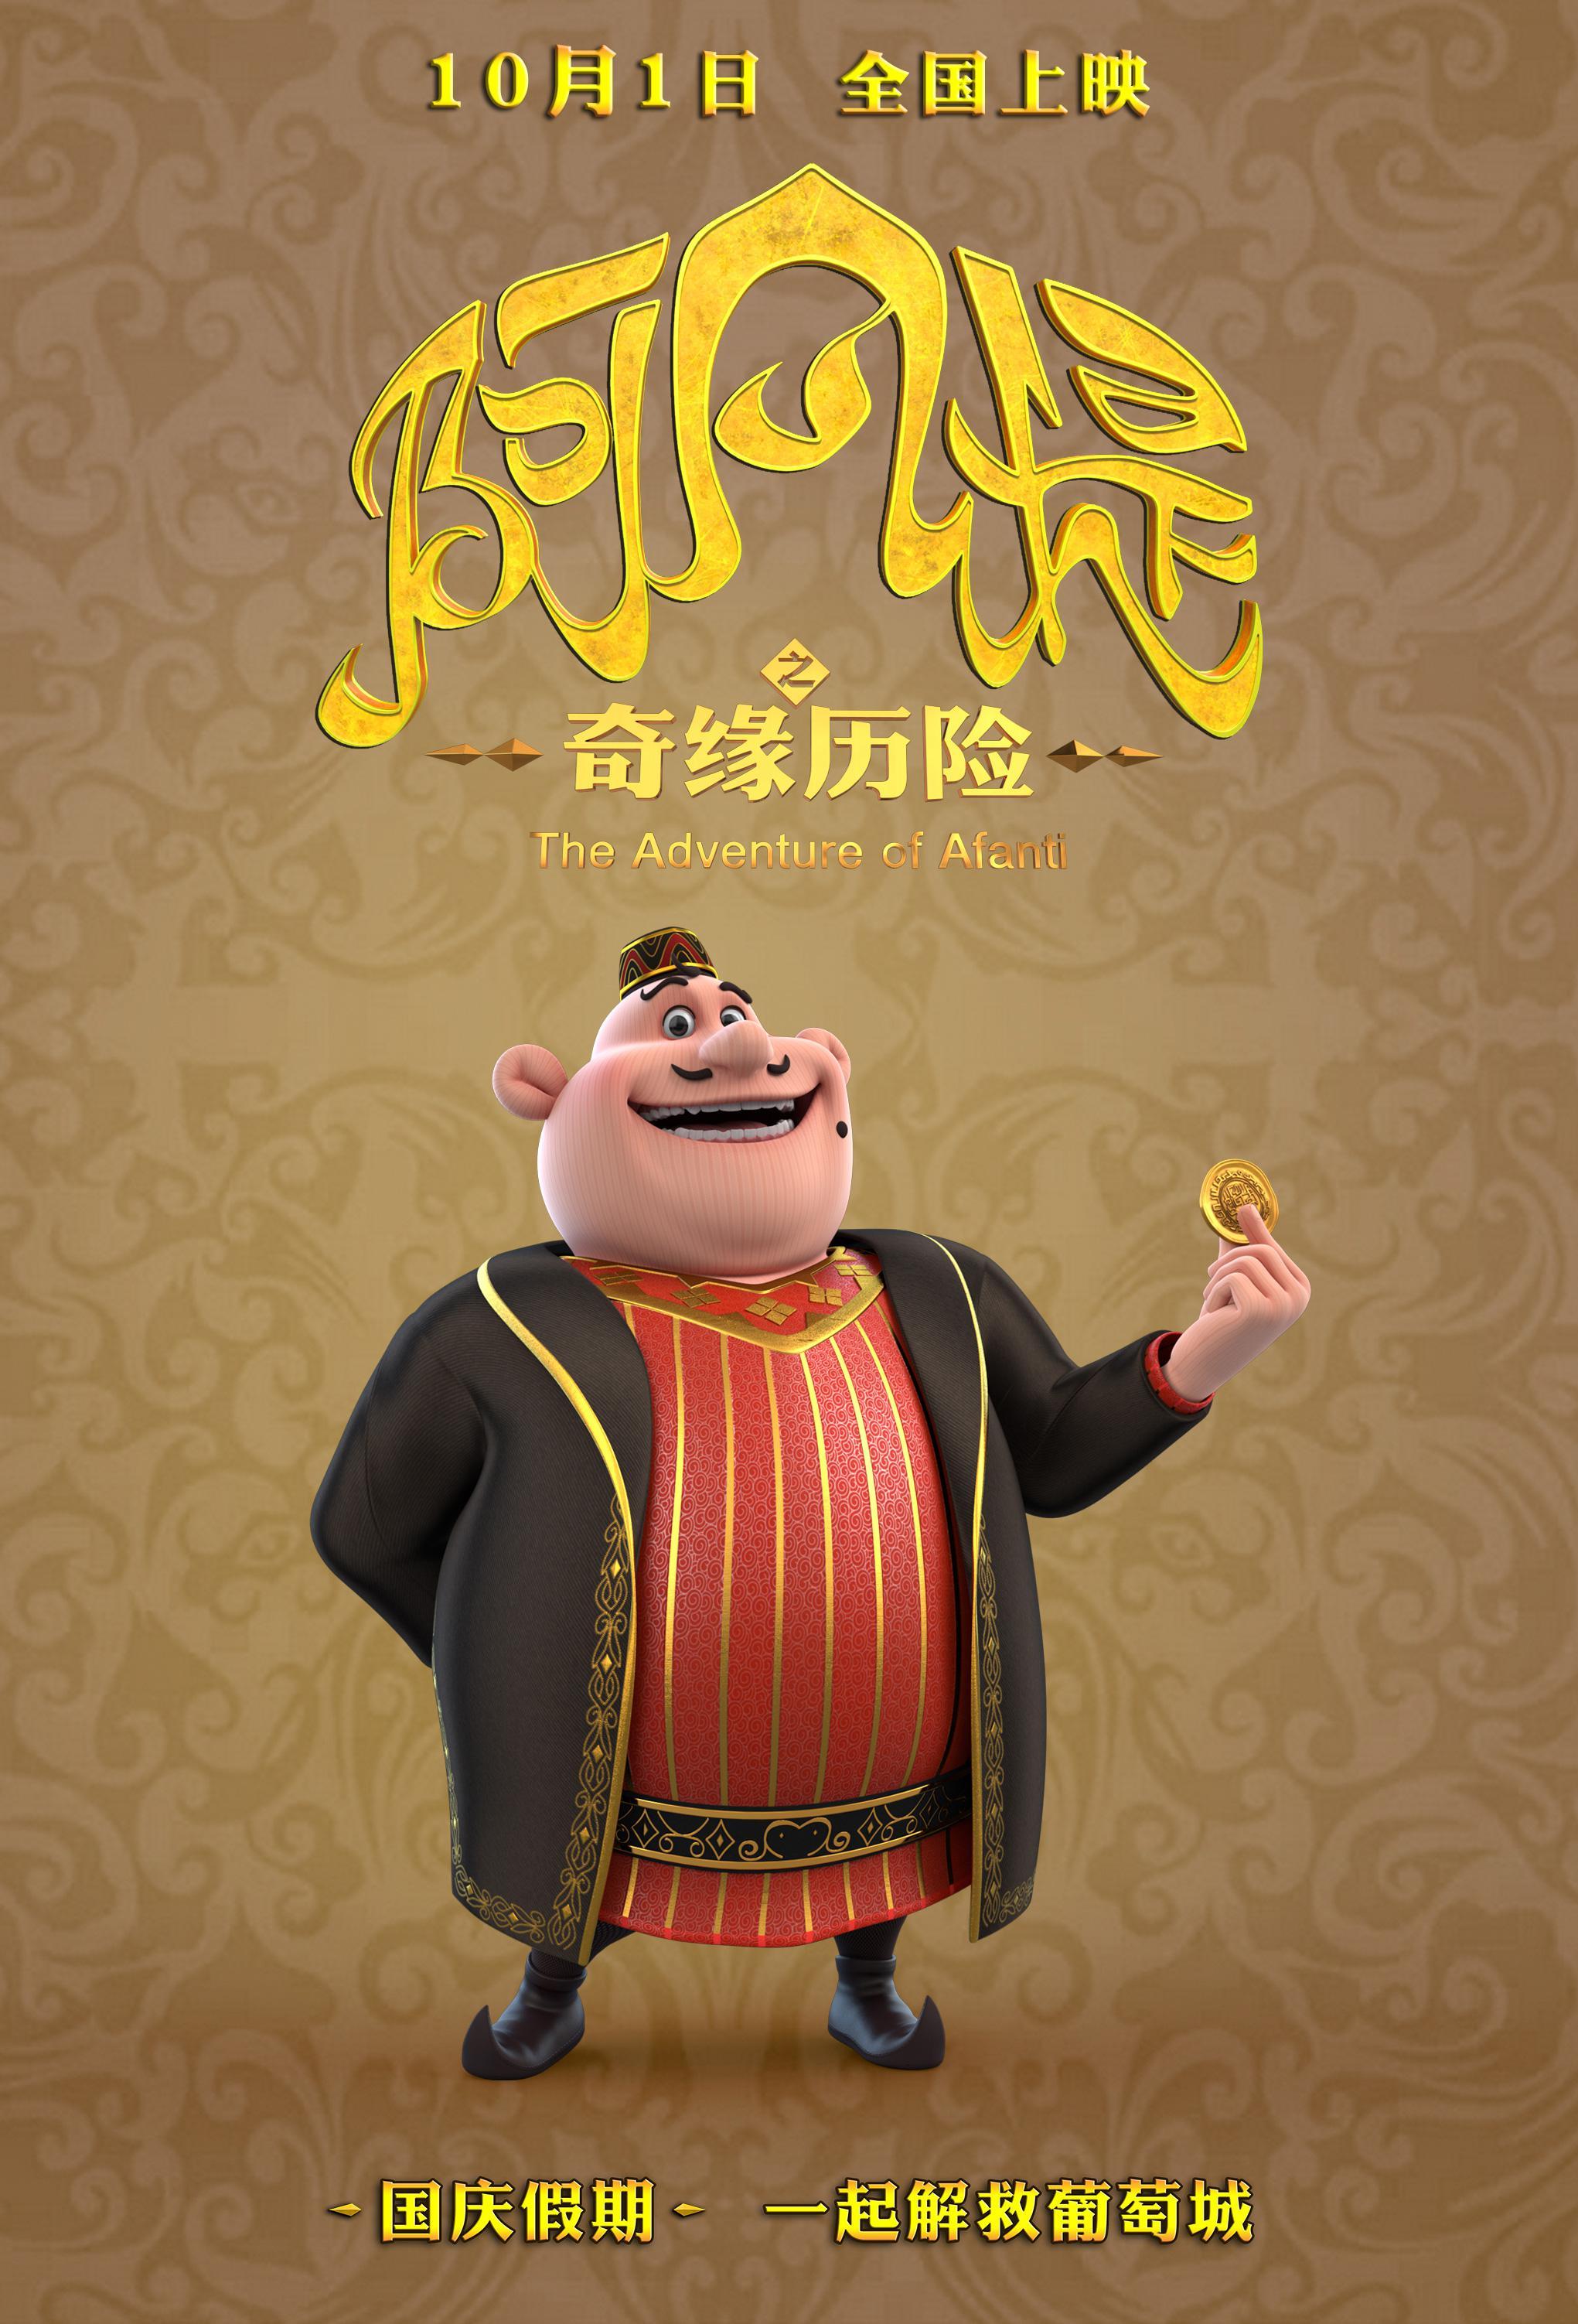 巴依老爷角色海报